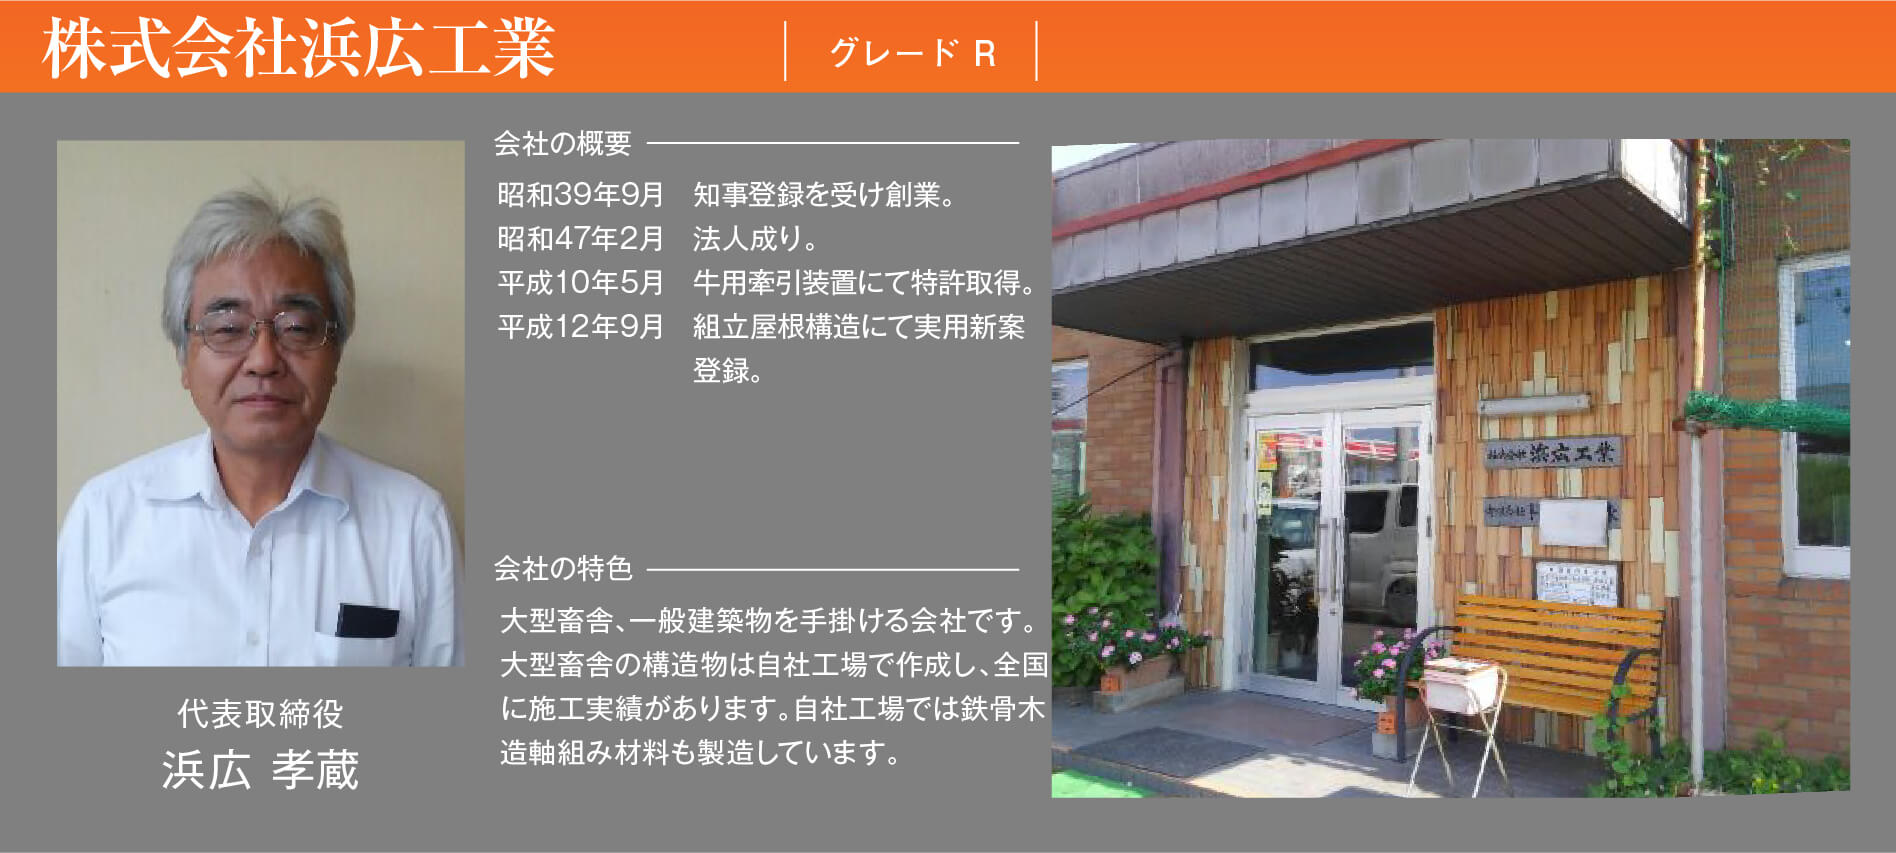 株式会社 浜広工業